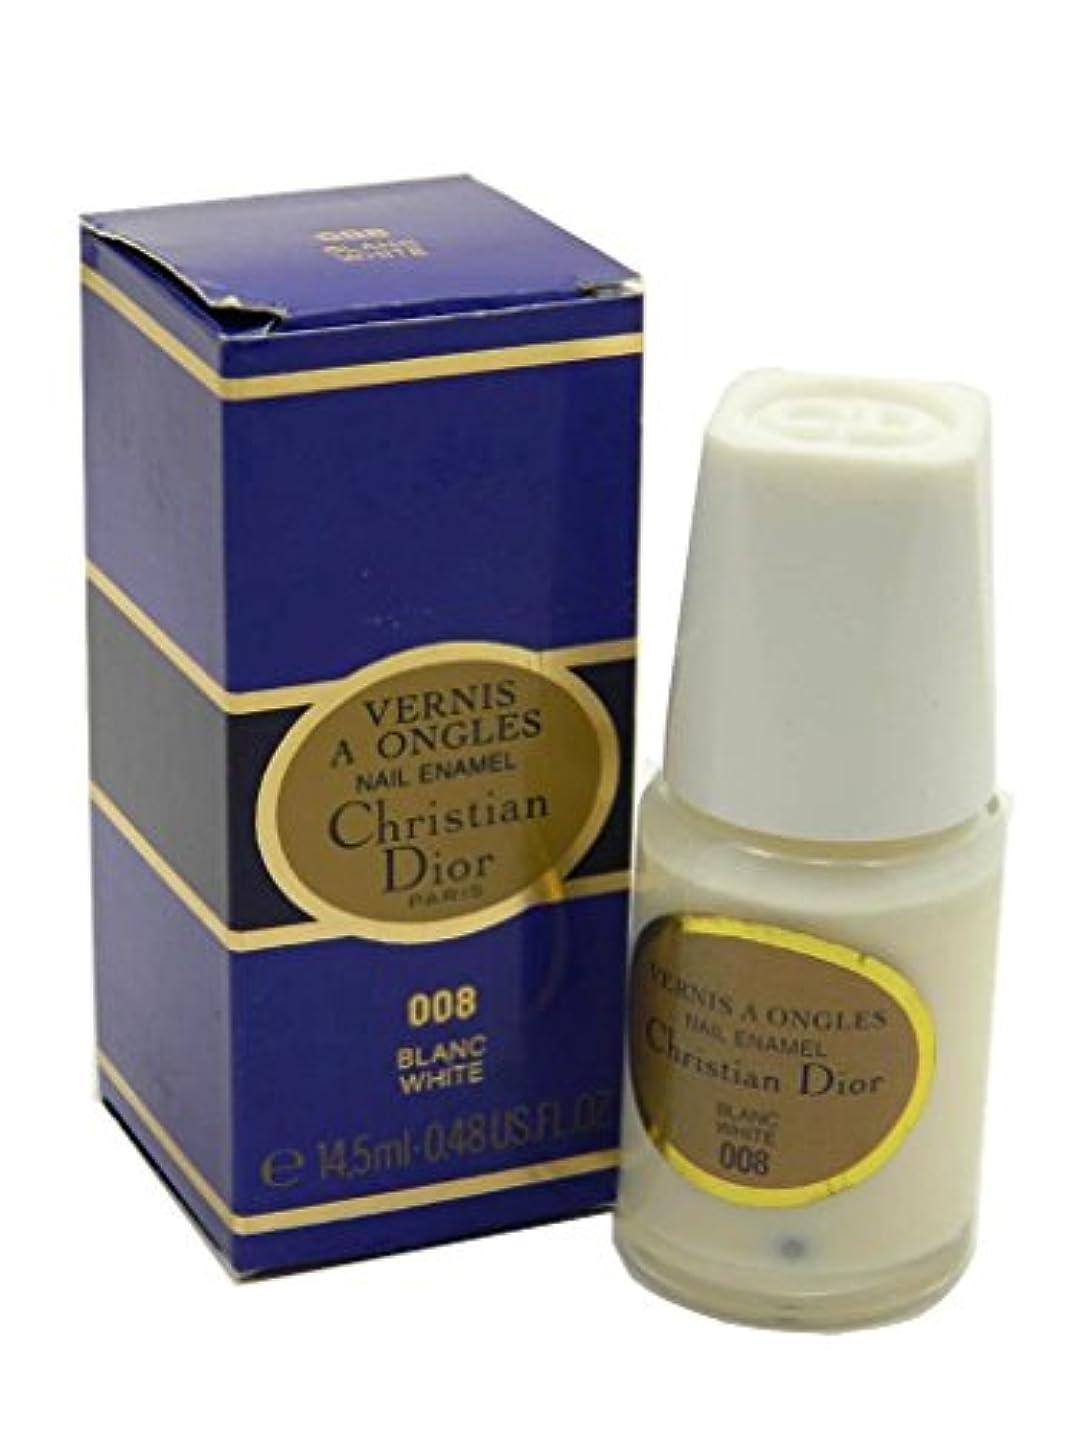 構成する爵記憶Dior Vernis A Ongles Nail Enamel Polish 008 White(ディオール ヴェルニ ア オングル ネイルエナメル ポリッシュ 008 ホワイト) [並行輸入品]